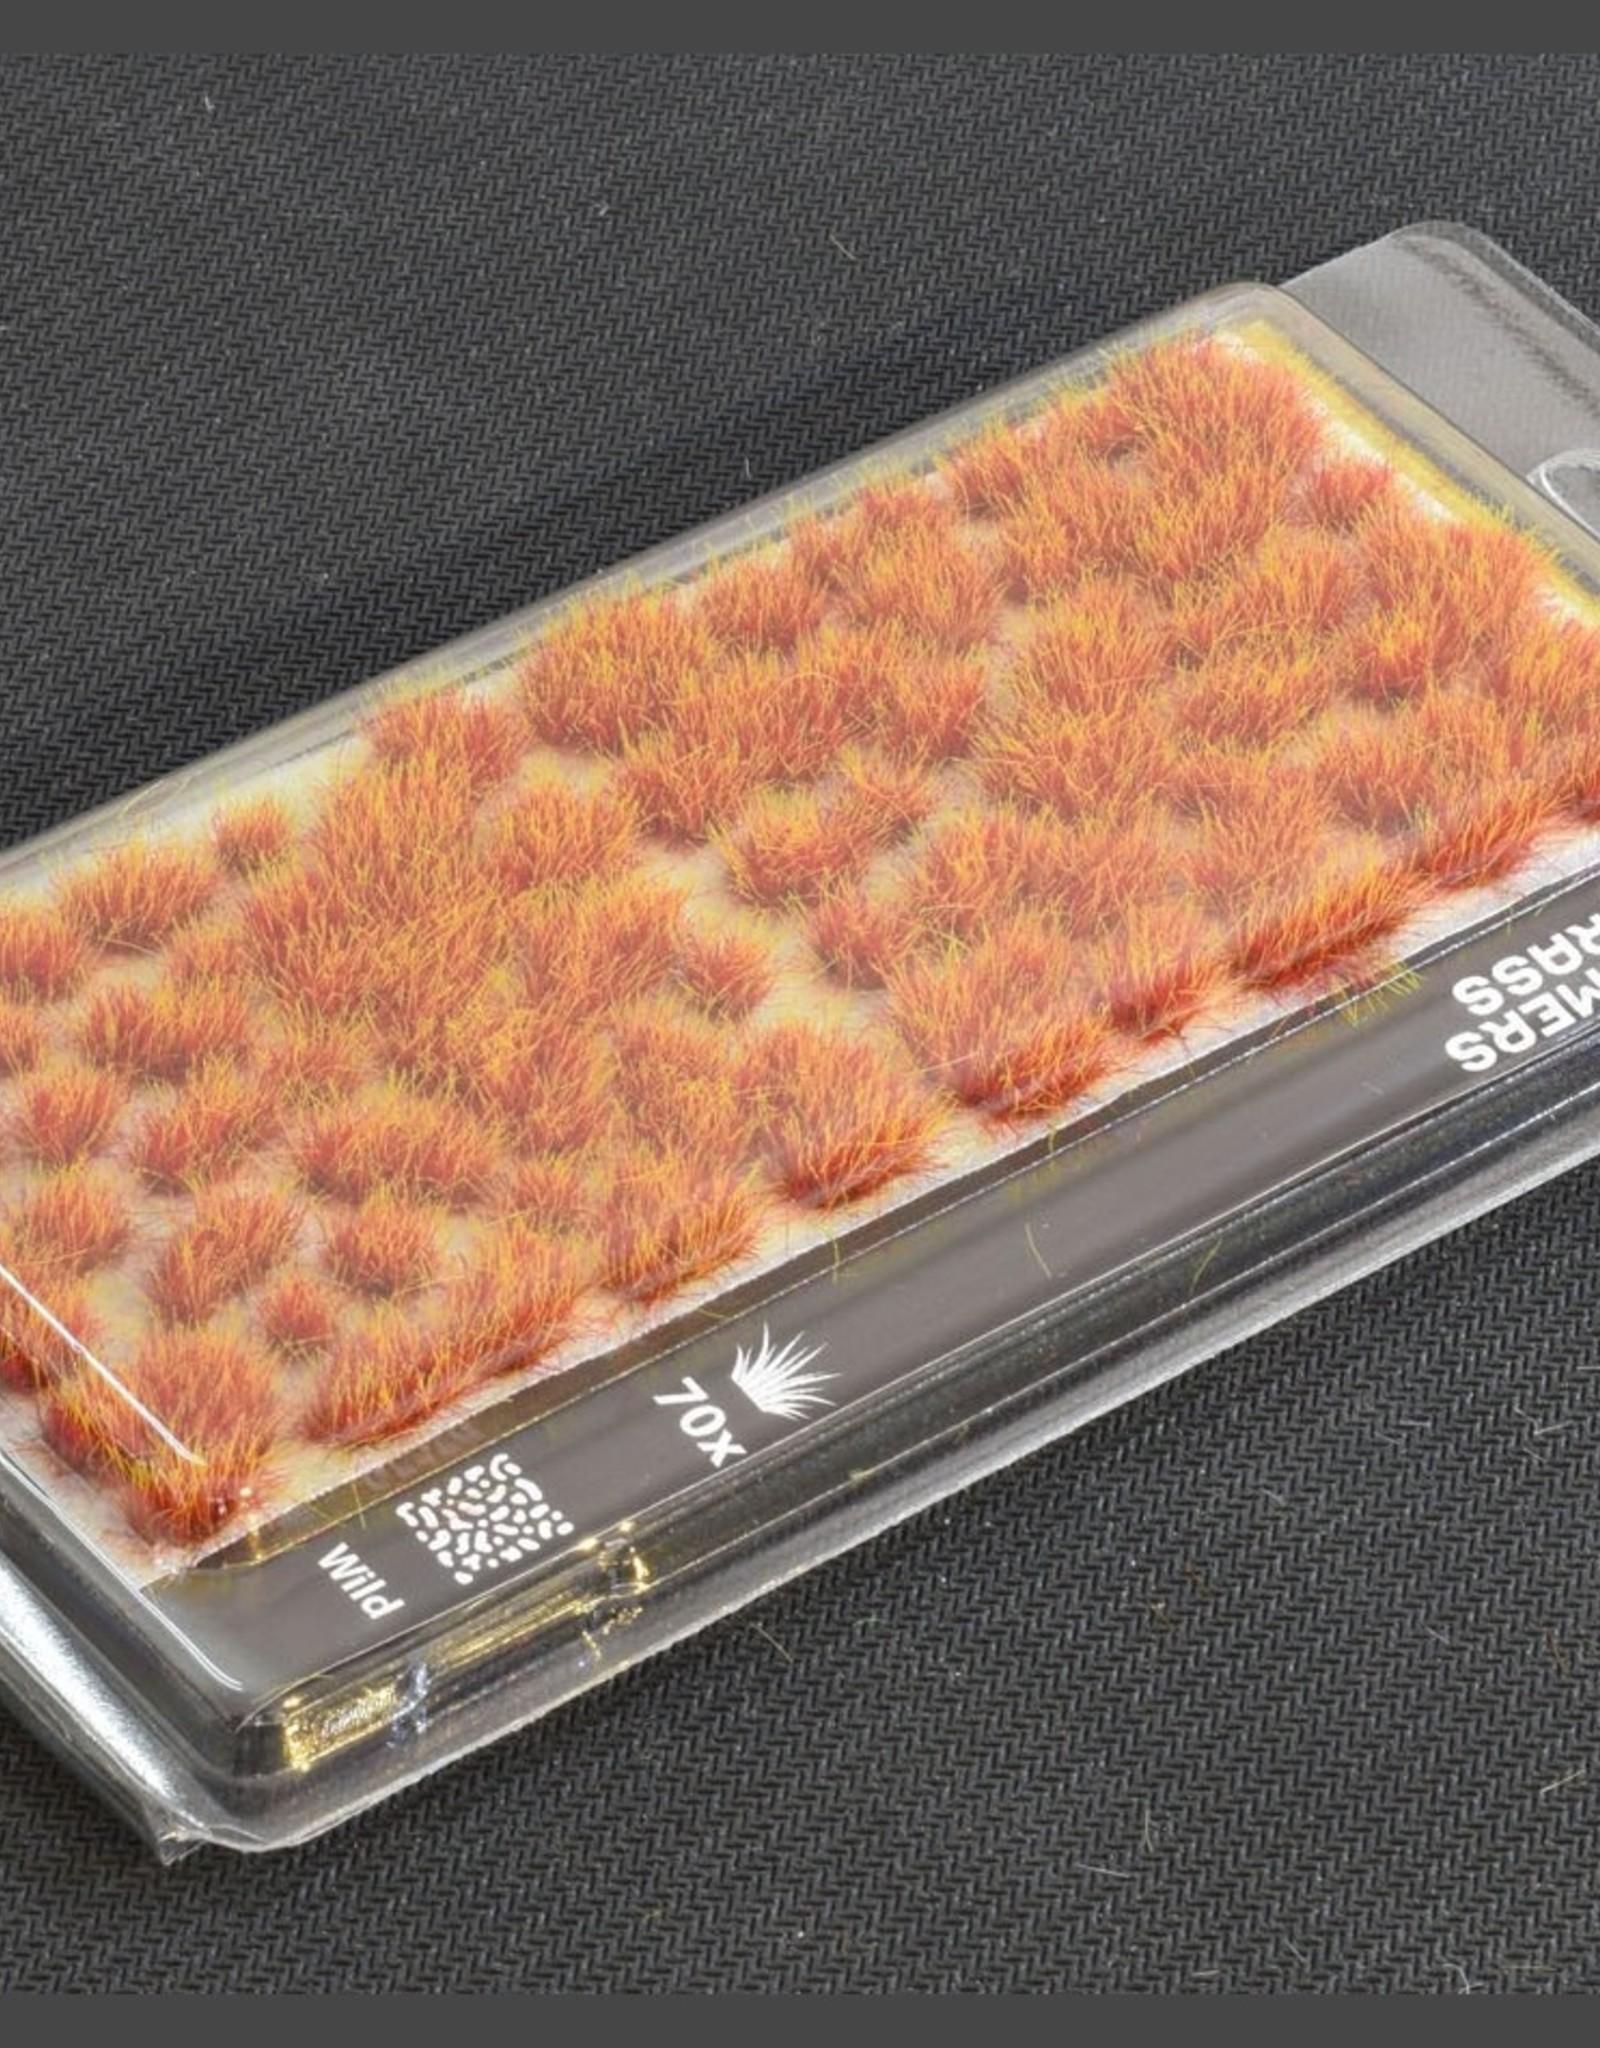 Gamers Grass Alien Tufts Fire (6mm)